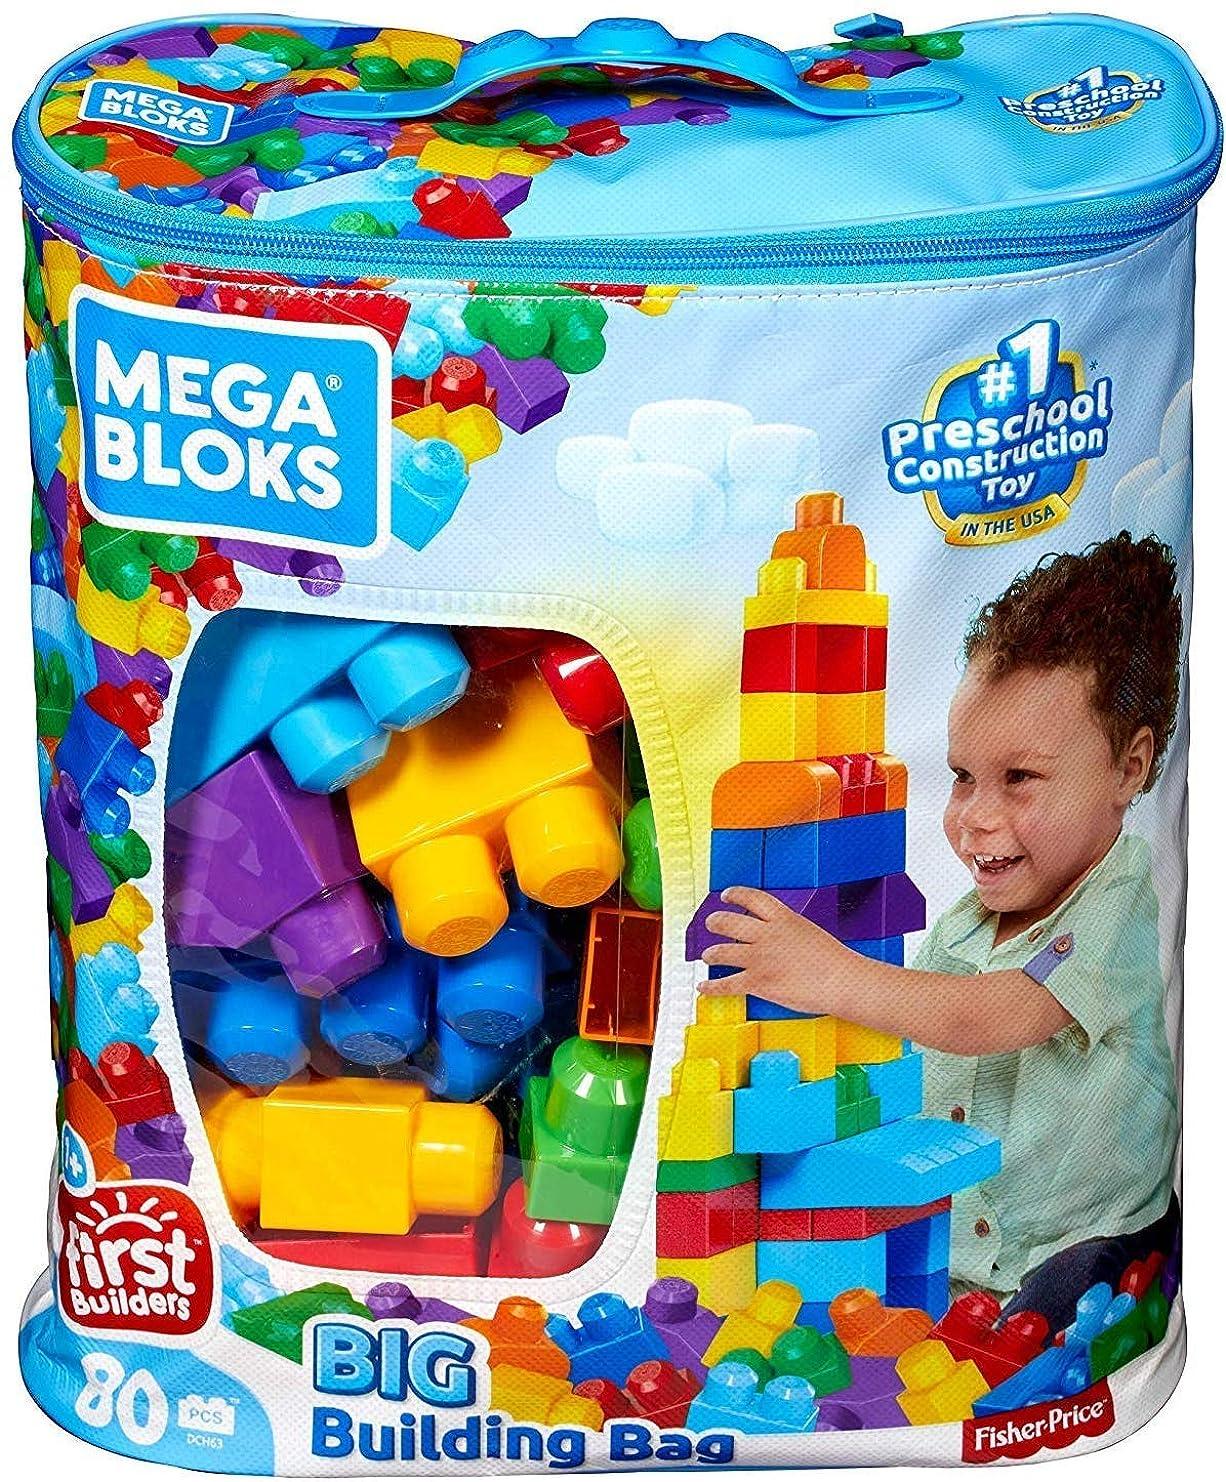 見かけ上トリム民主党Mega Bloks First Builders Big Building Bag - Classic (8327) メガブロックス ビックビルディグ バッグ 8327【並行輸入】3週間程度で発送